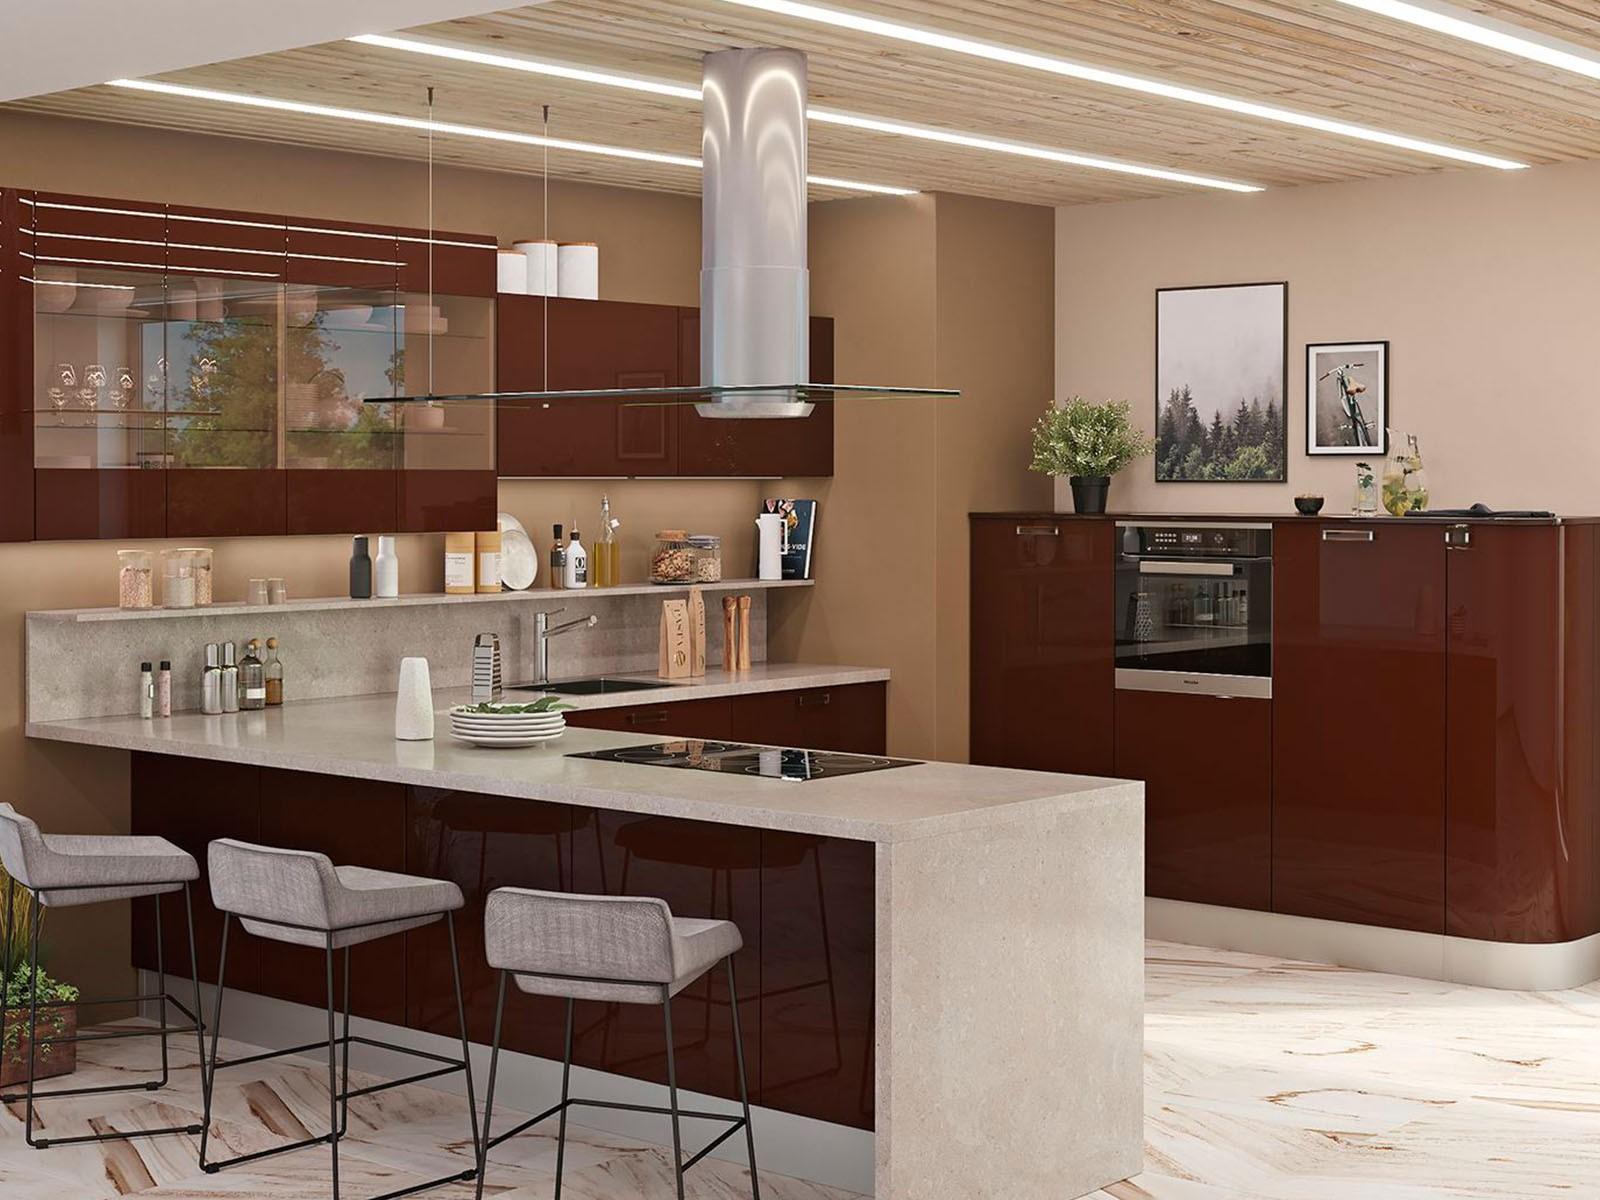 Кухня с барной стойкой: проекты с фотографиями и дизайном